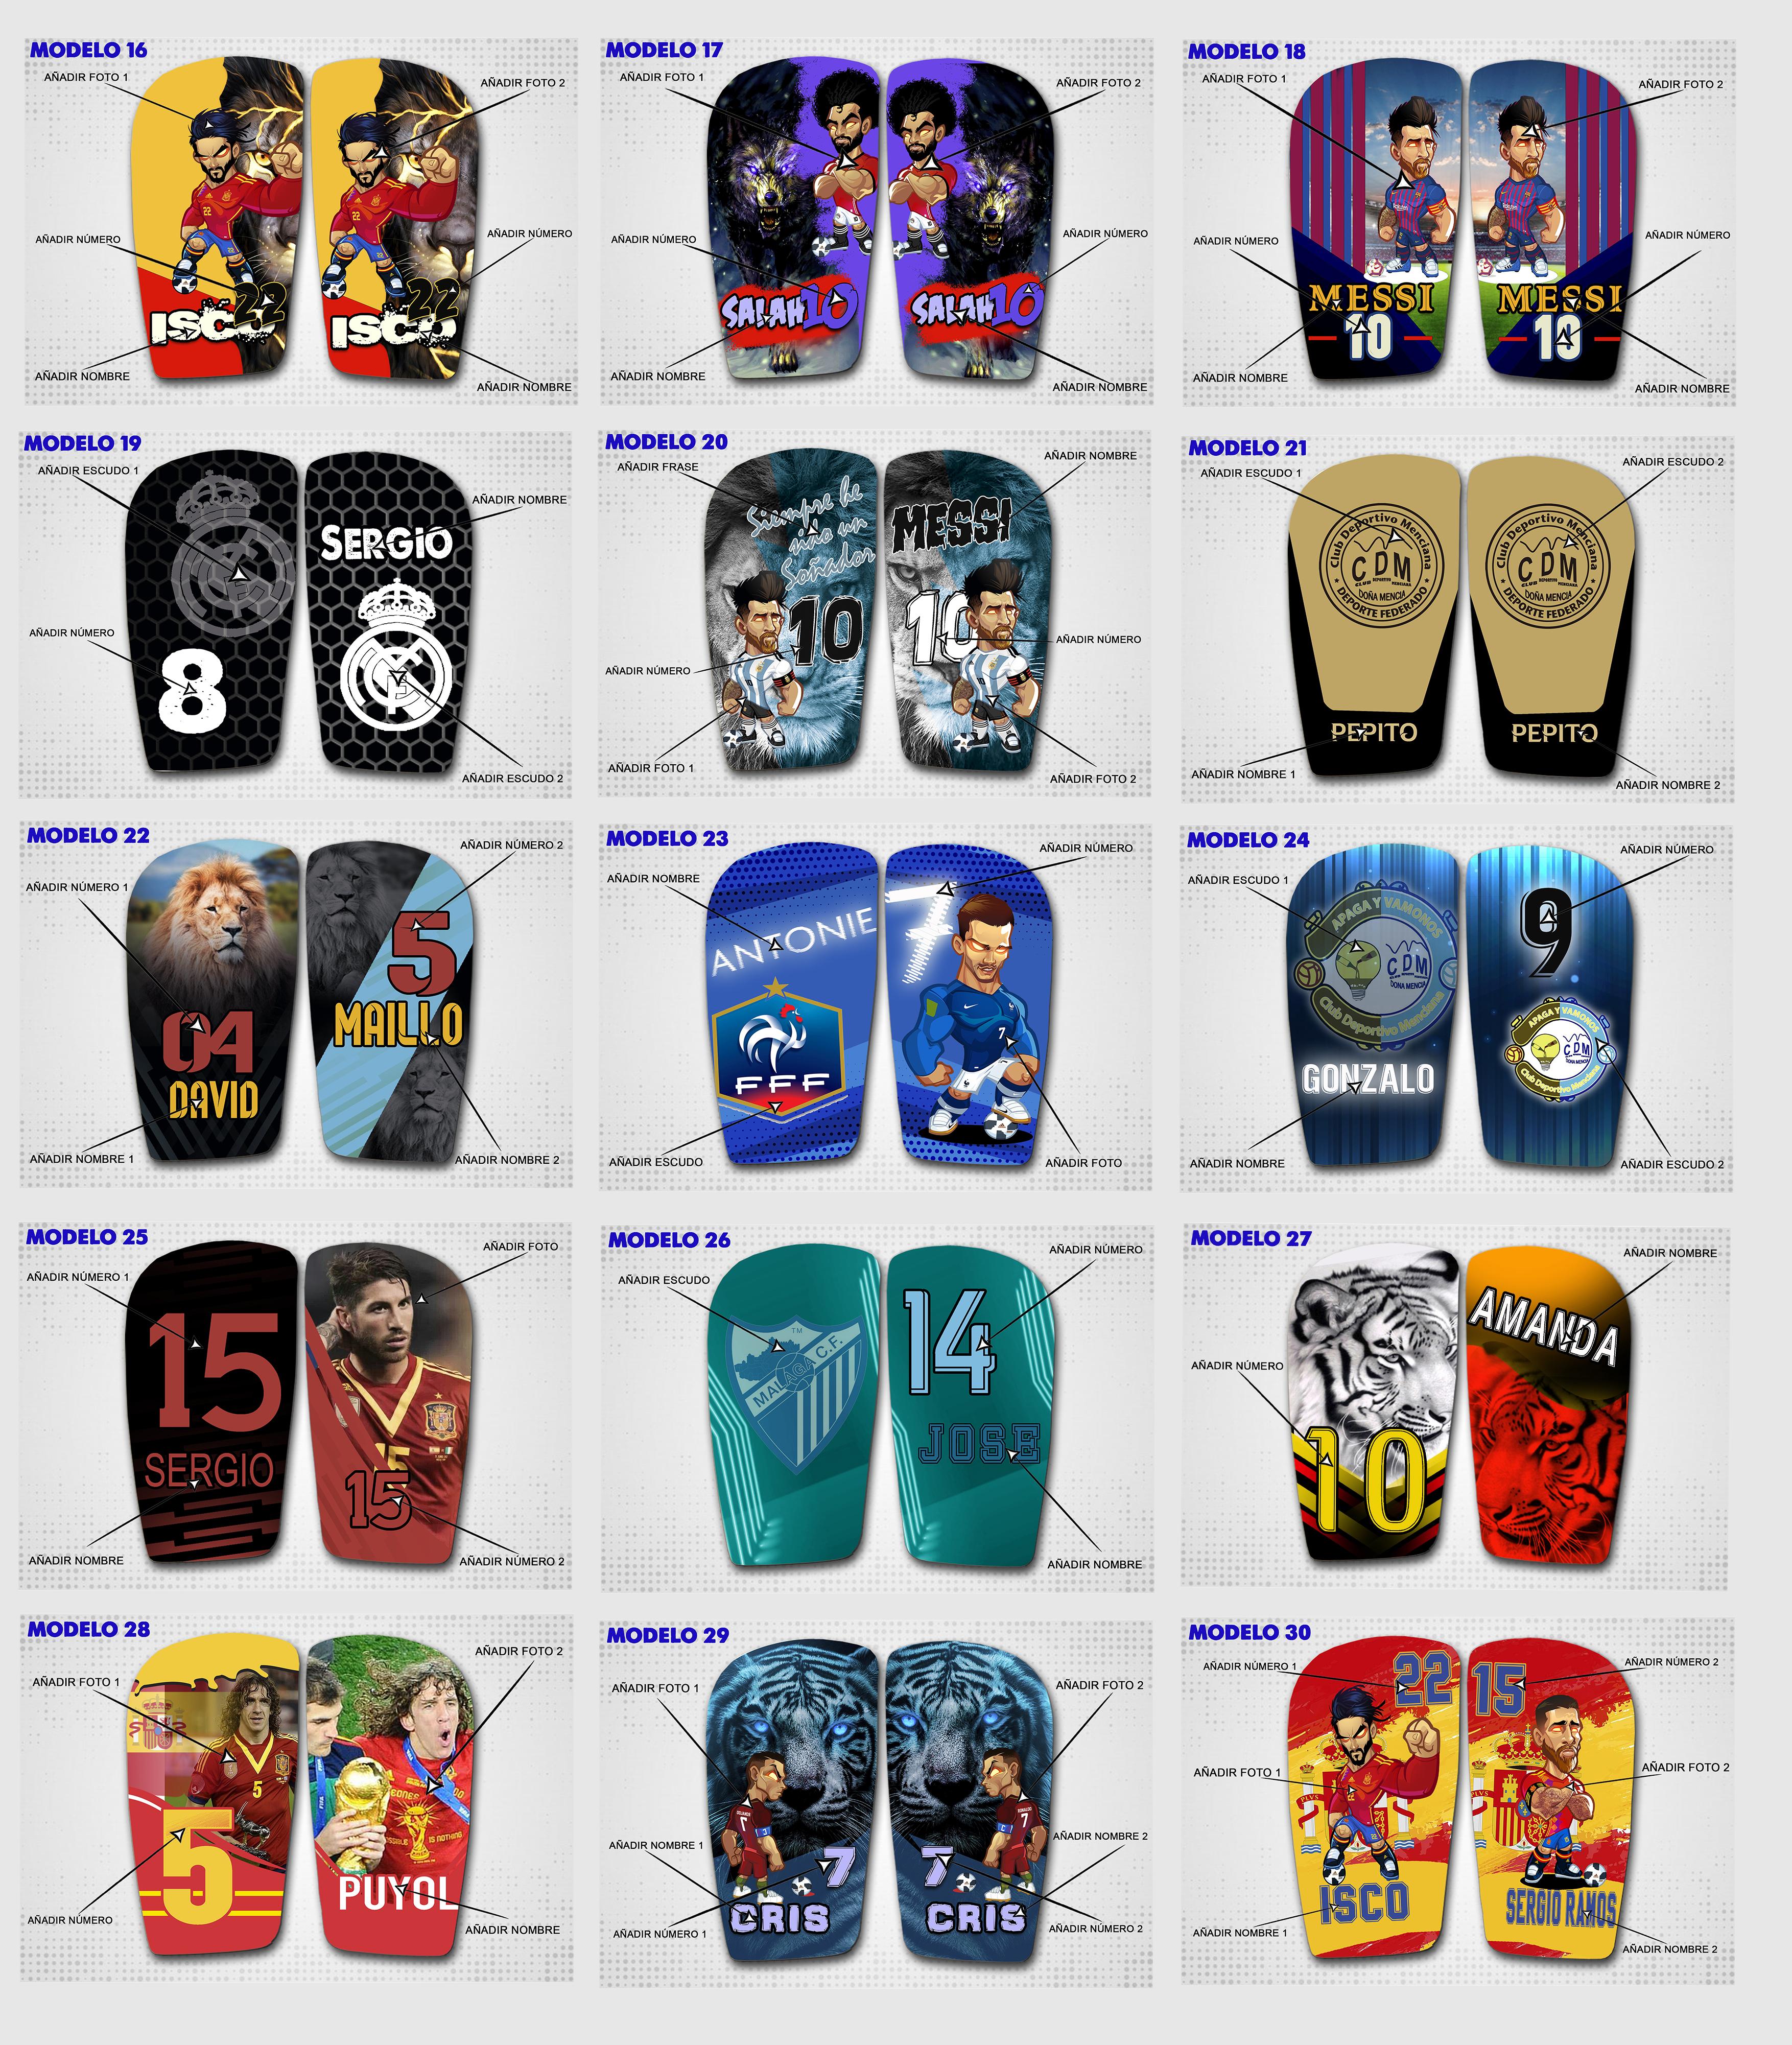 Diseños predefinidos 16-30